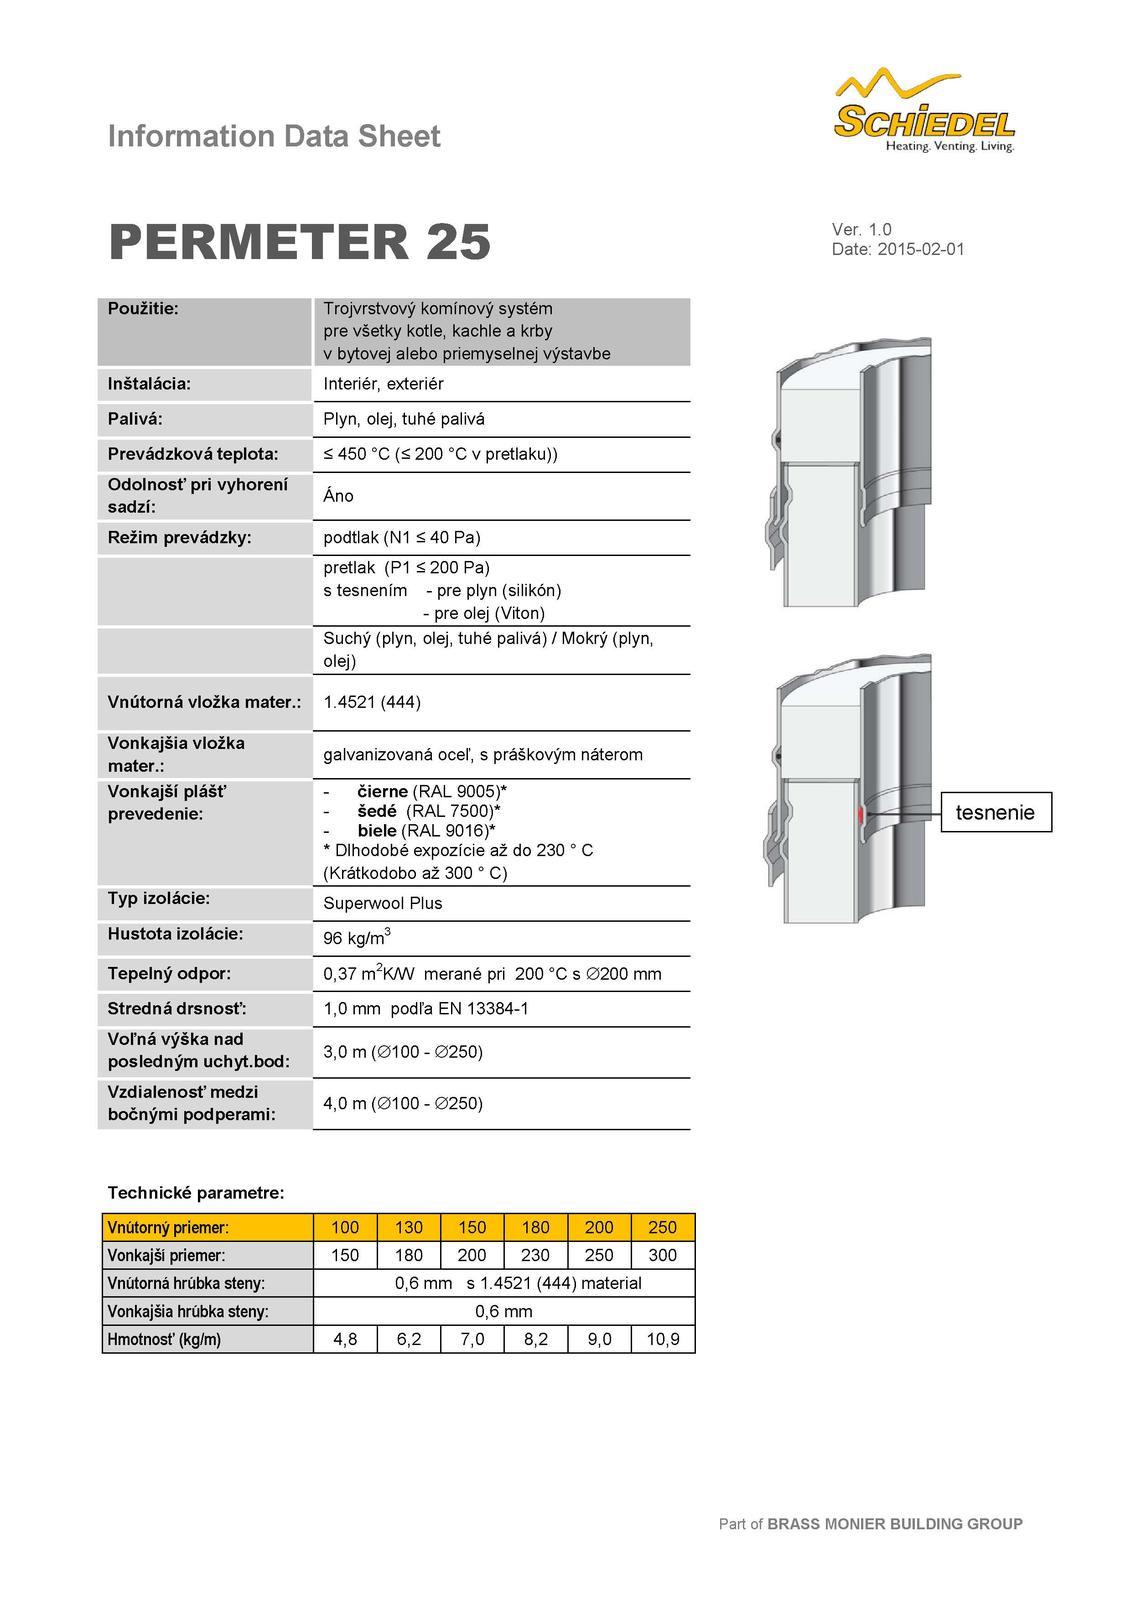 Aké sú bezpečné odstupy komínového telesa Schiedel PERMETER 25? - Obrázok č. 1